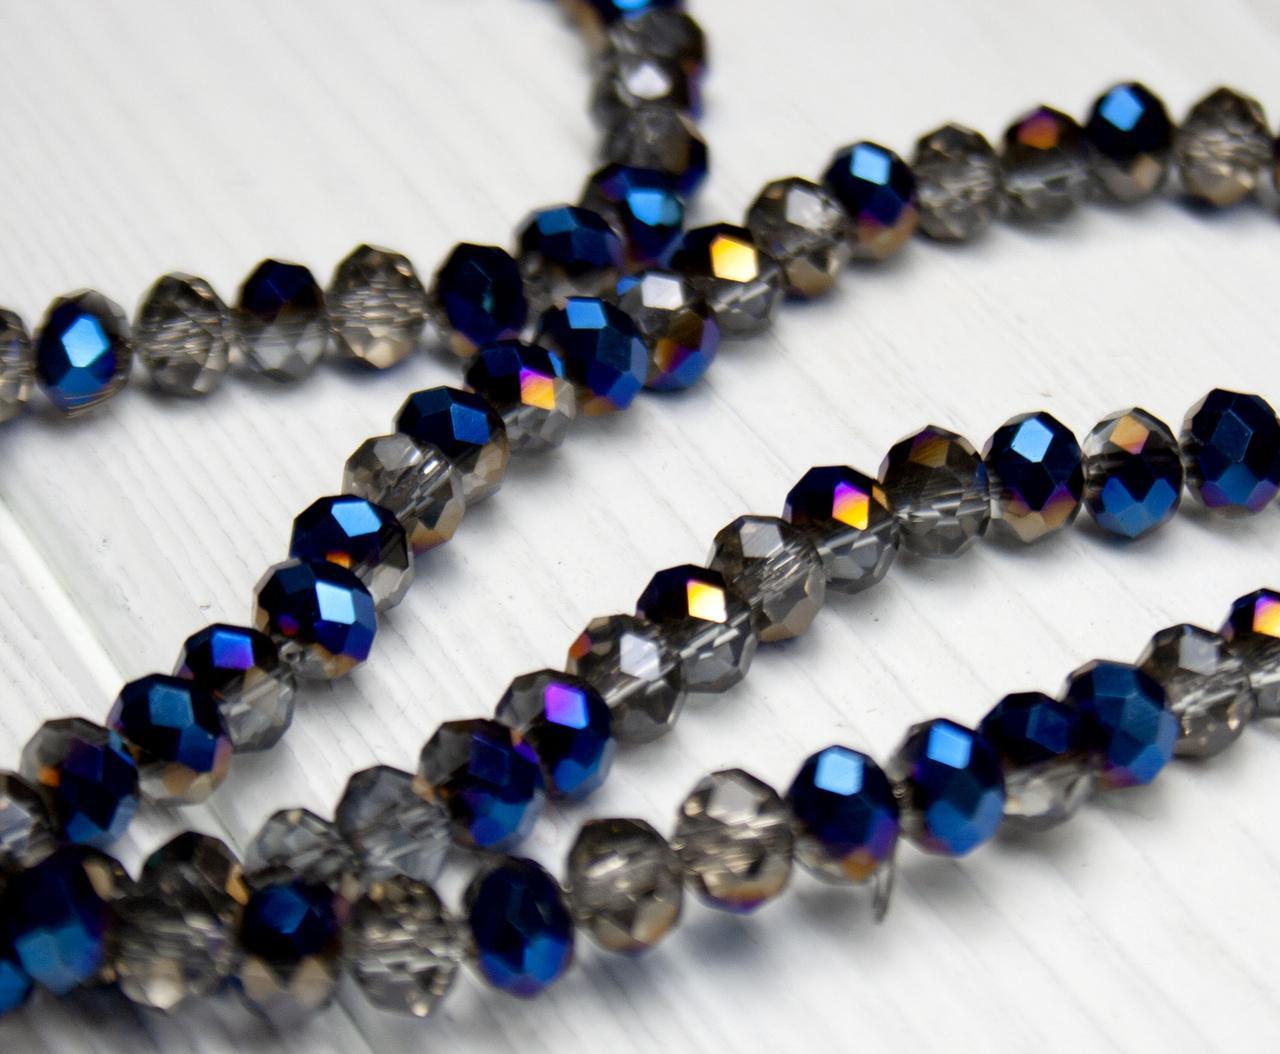 Бусины хрустальные (Рондель)  6х4мм пачка - 95-105 шт, двухцветные сине серые прозрачные